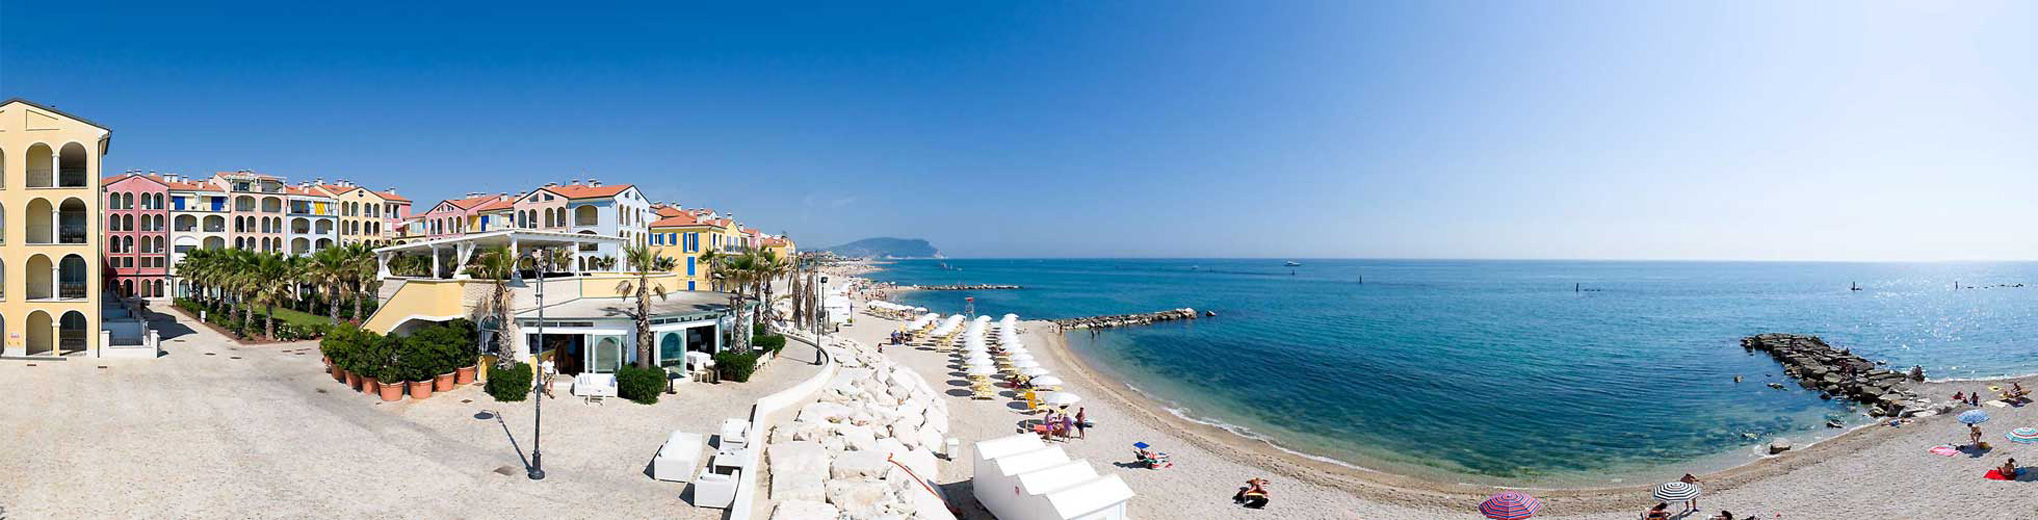 Porto Recanati panorama - Ancona - Marche